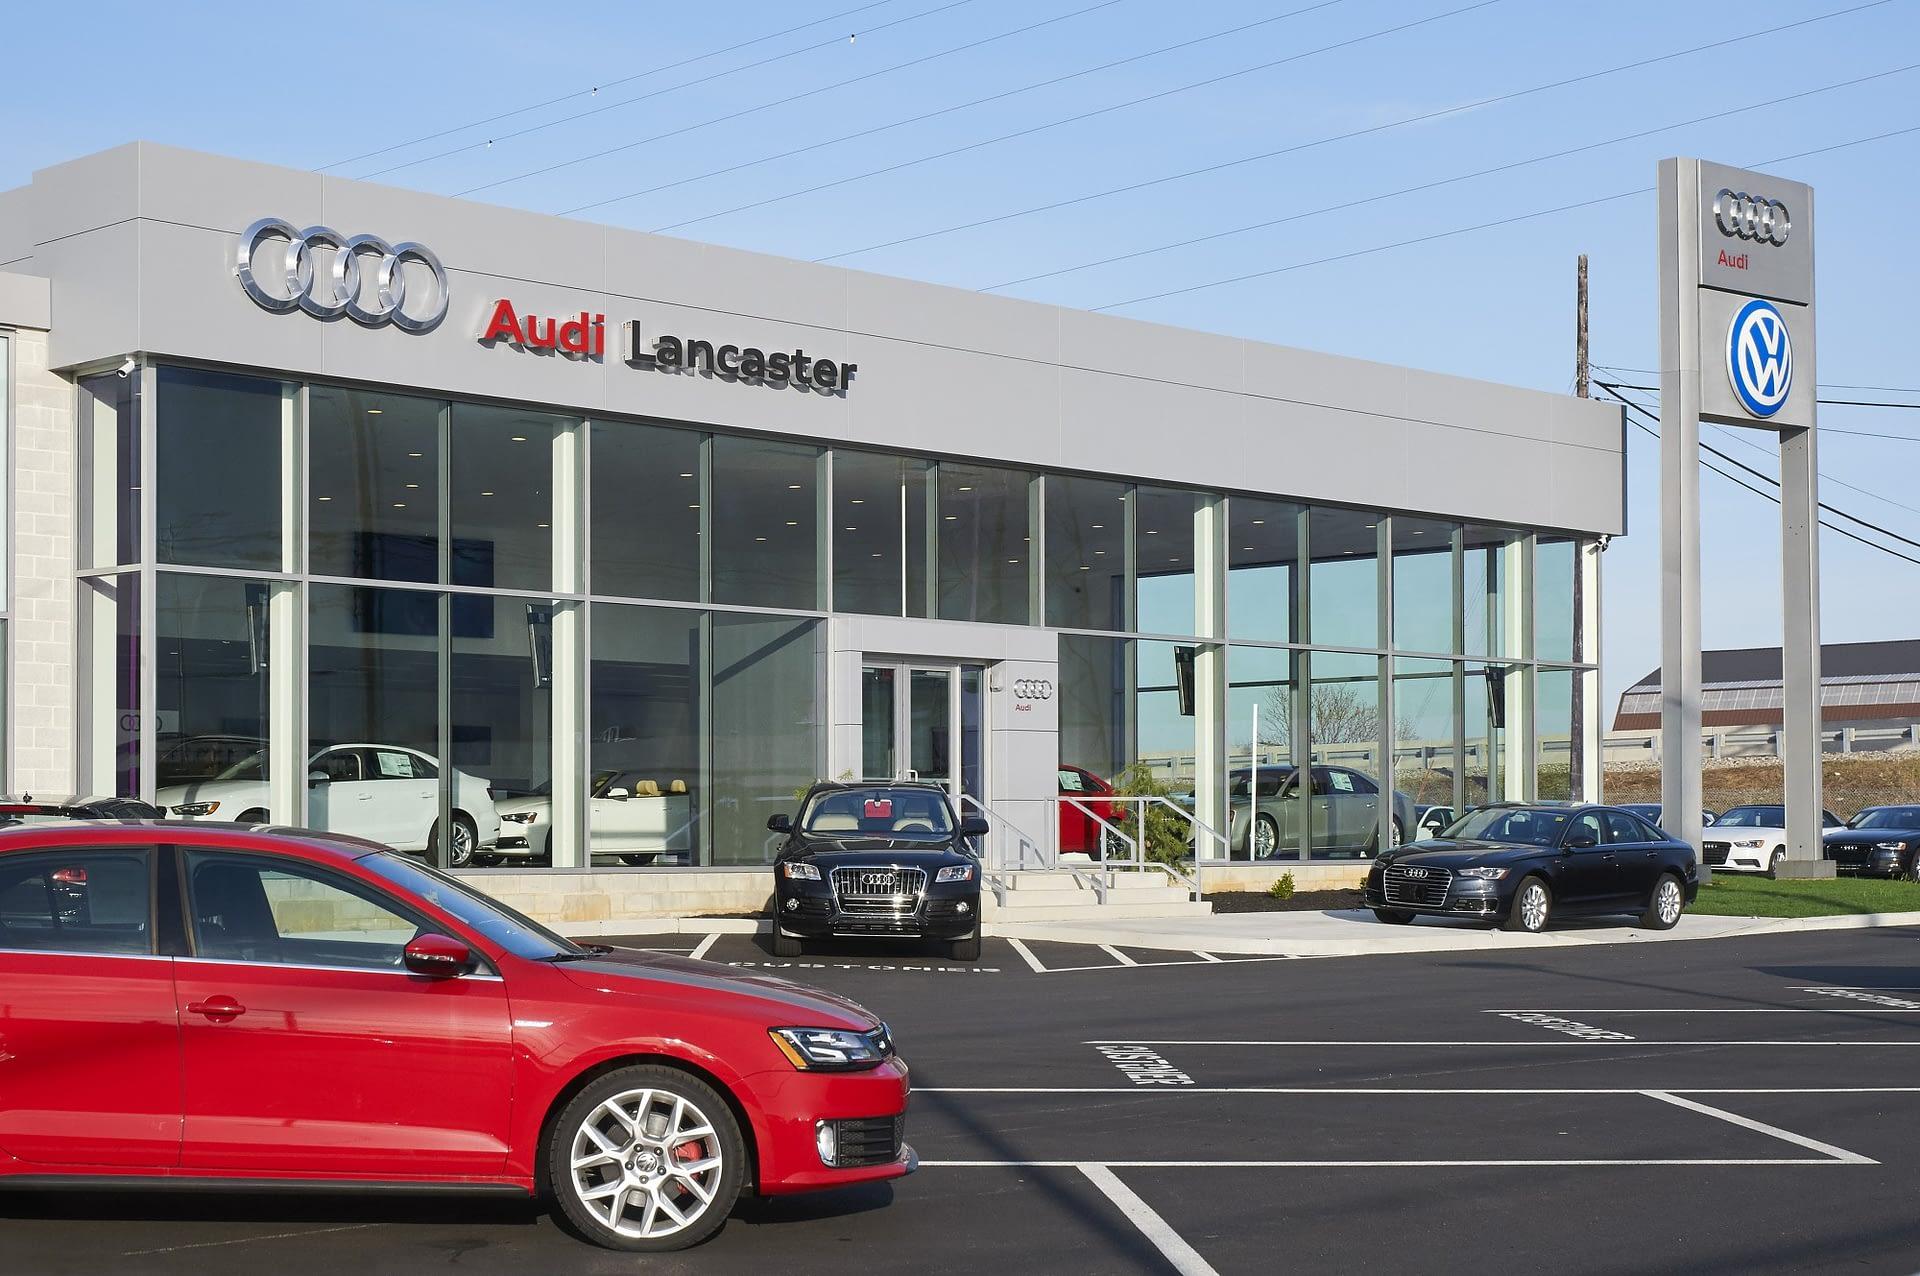 Audi Lancaster/Autohaus Lancaster VW - Exterior 1